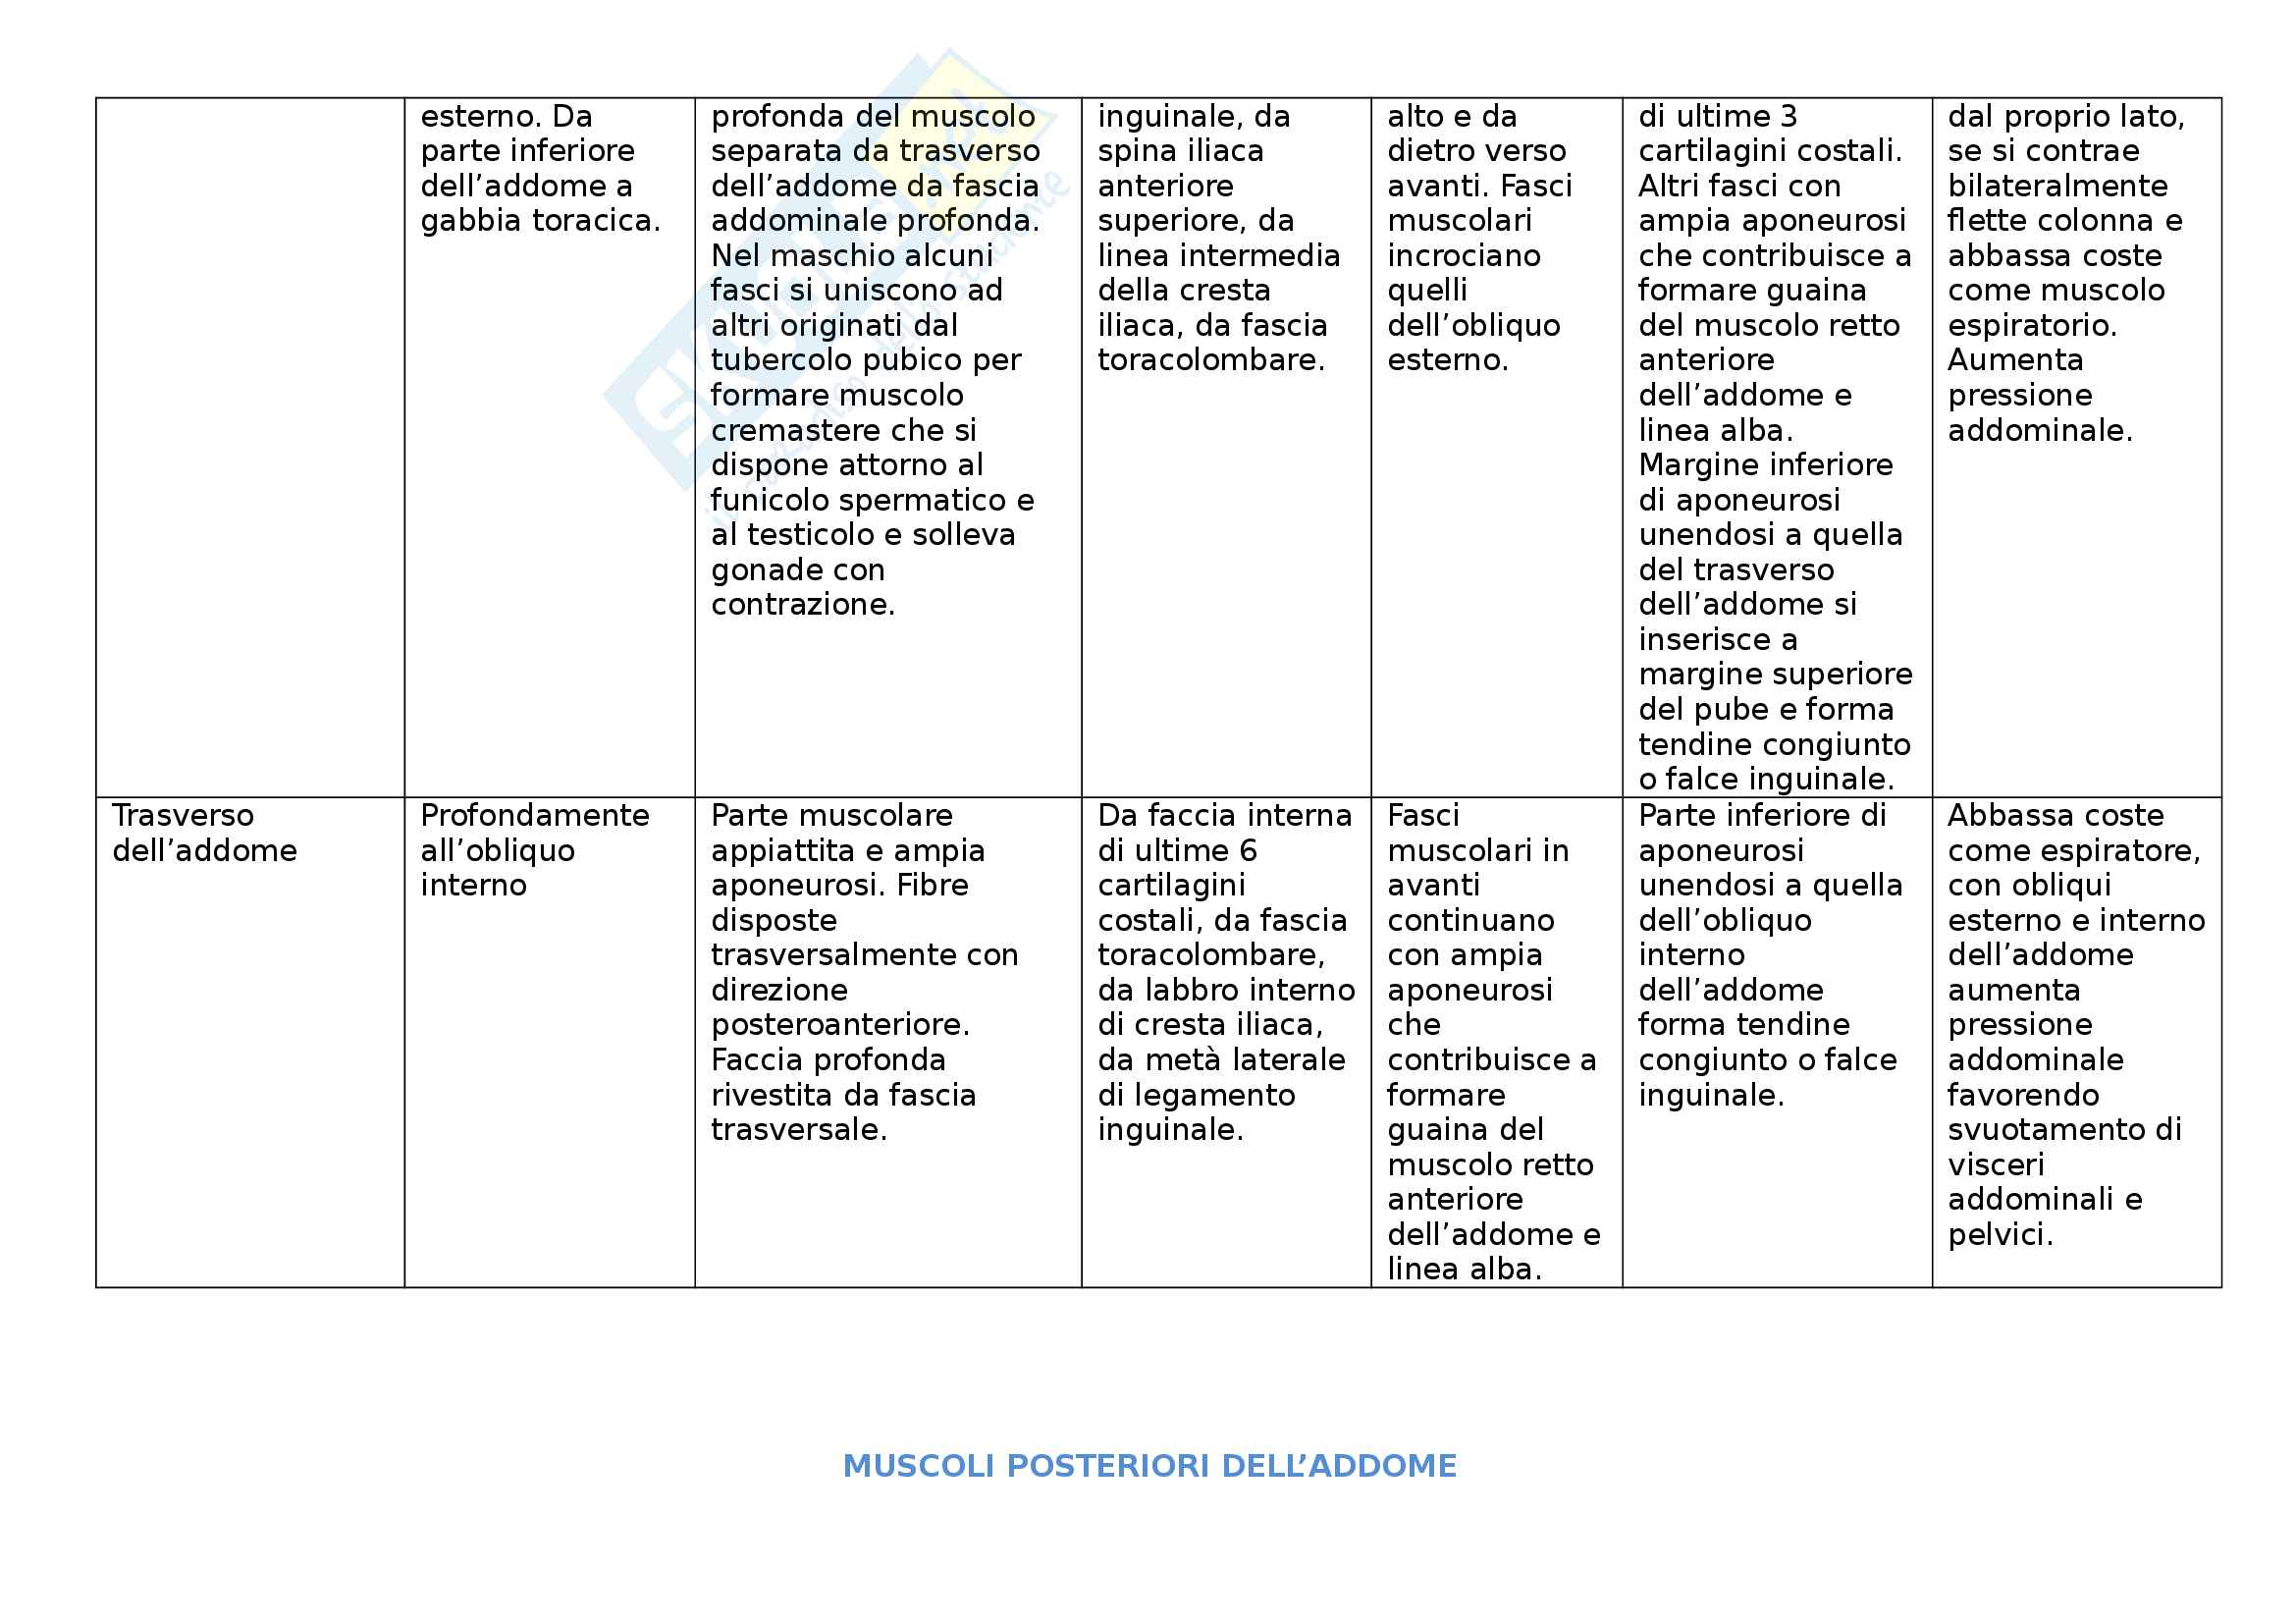 Muscoli - Tabella dei muscoli del corpo divisi per sede. Indicazione di posizione, caratteristiche, origine, decorso, inserzione, azione Pag. 16